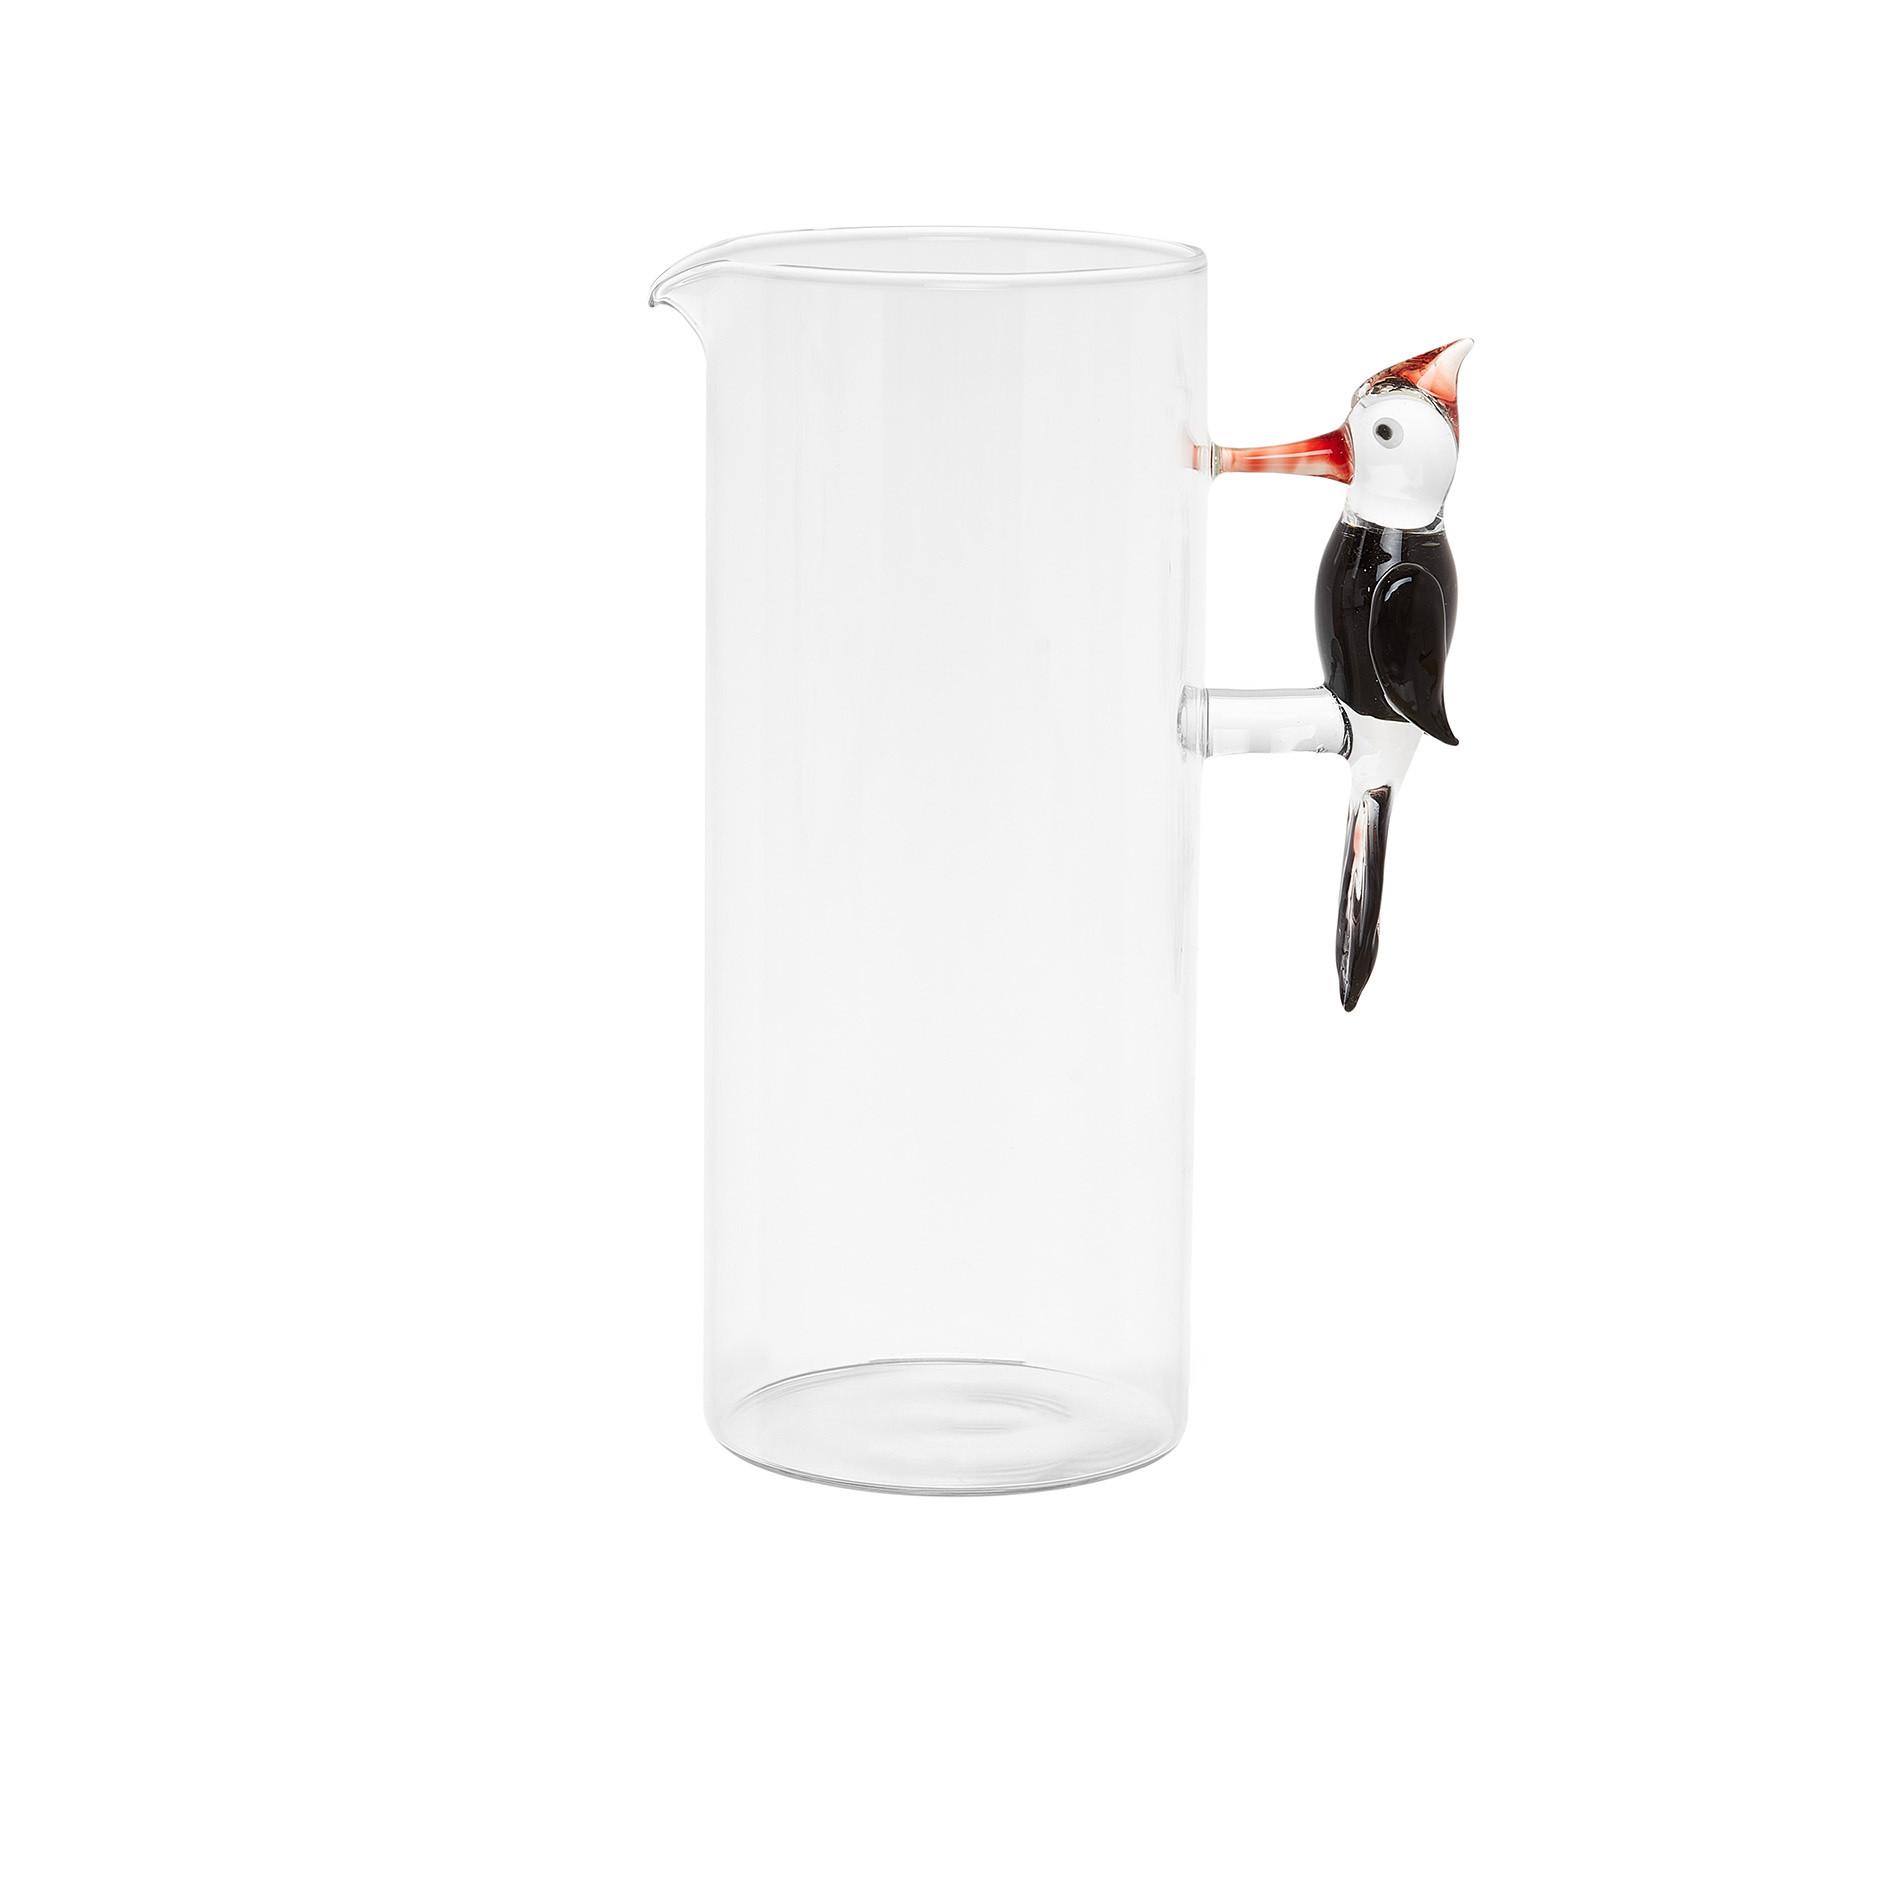 Caraffa vetro dettaglio picchio, Trasparente, large image number 0